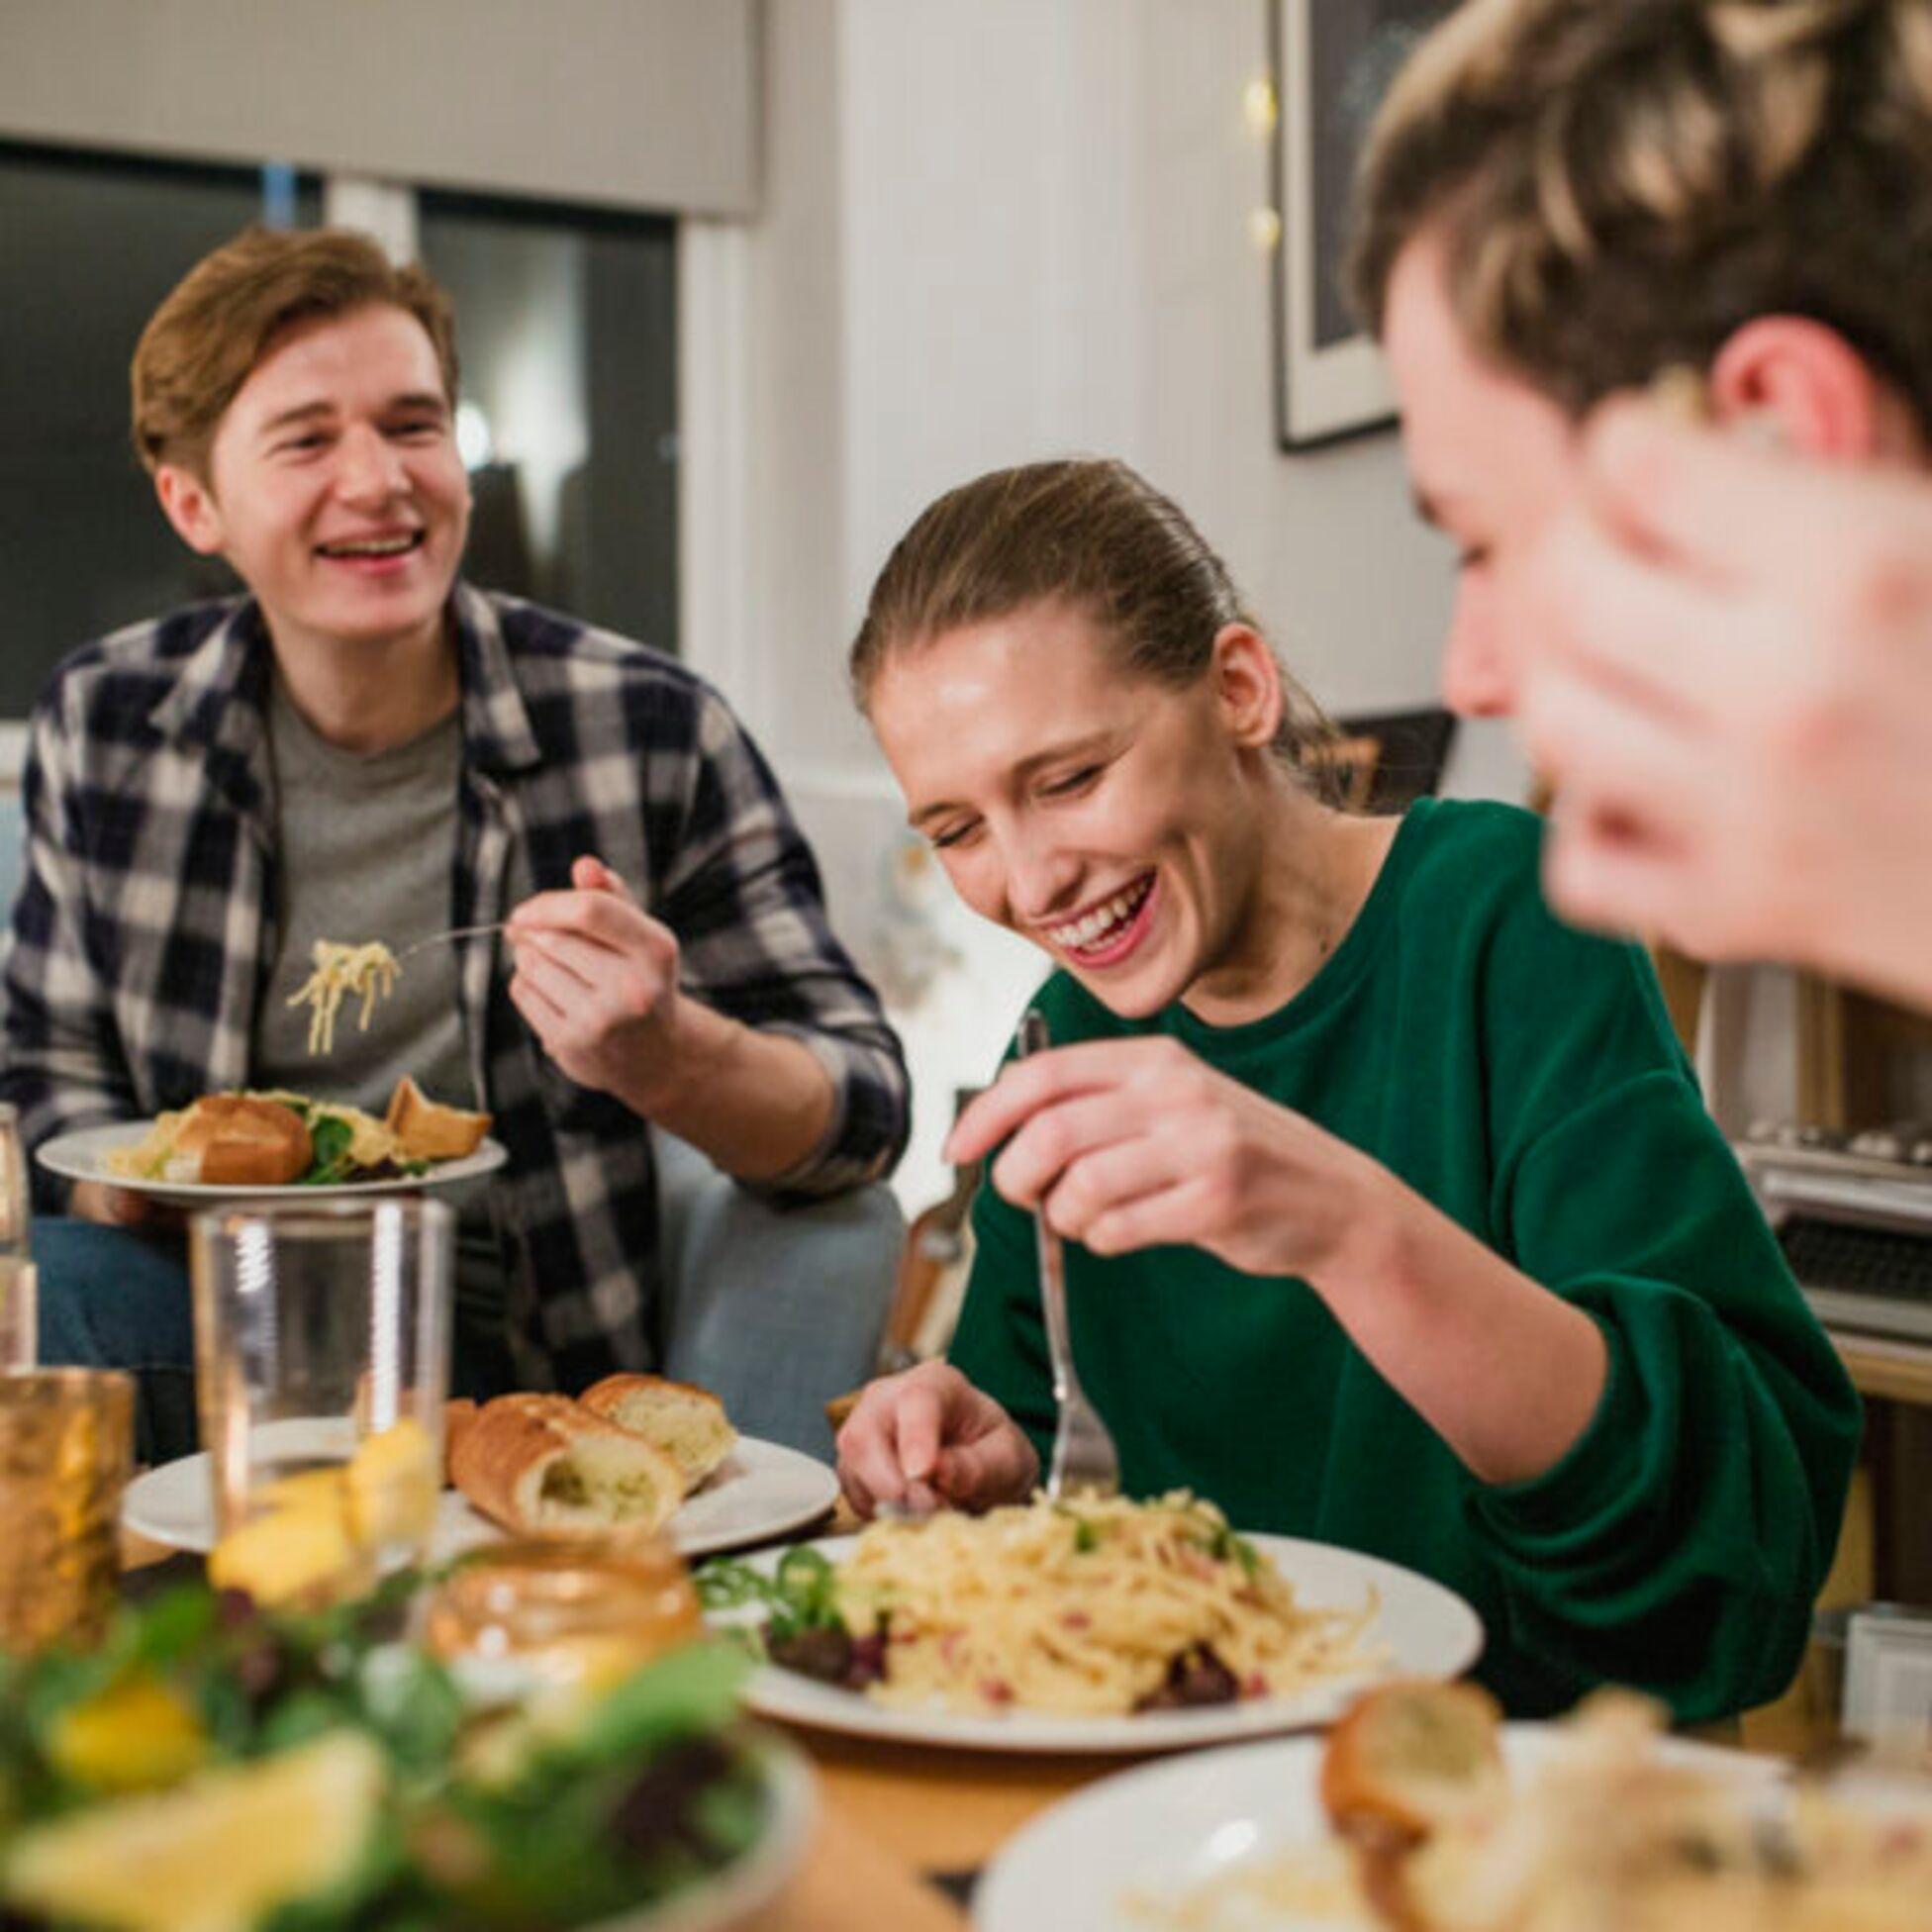 Gruppe junger Menschen in einer WG isst gemeinsam.